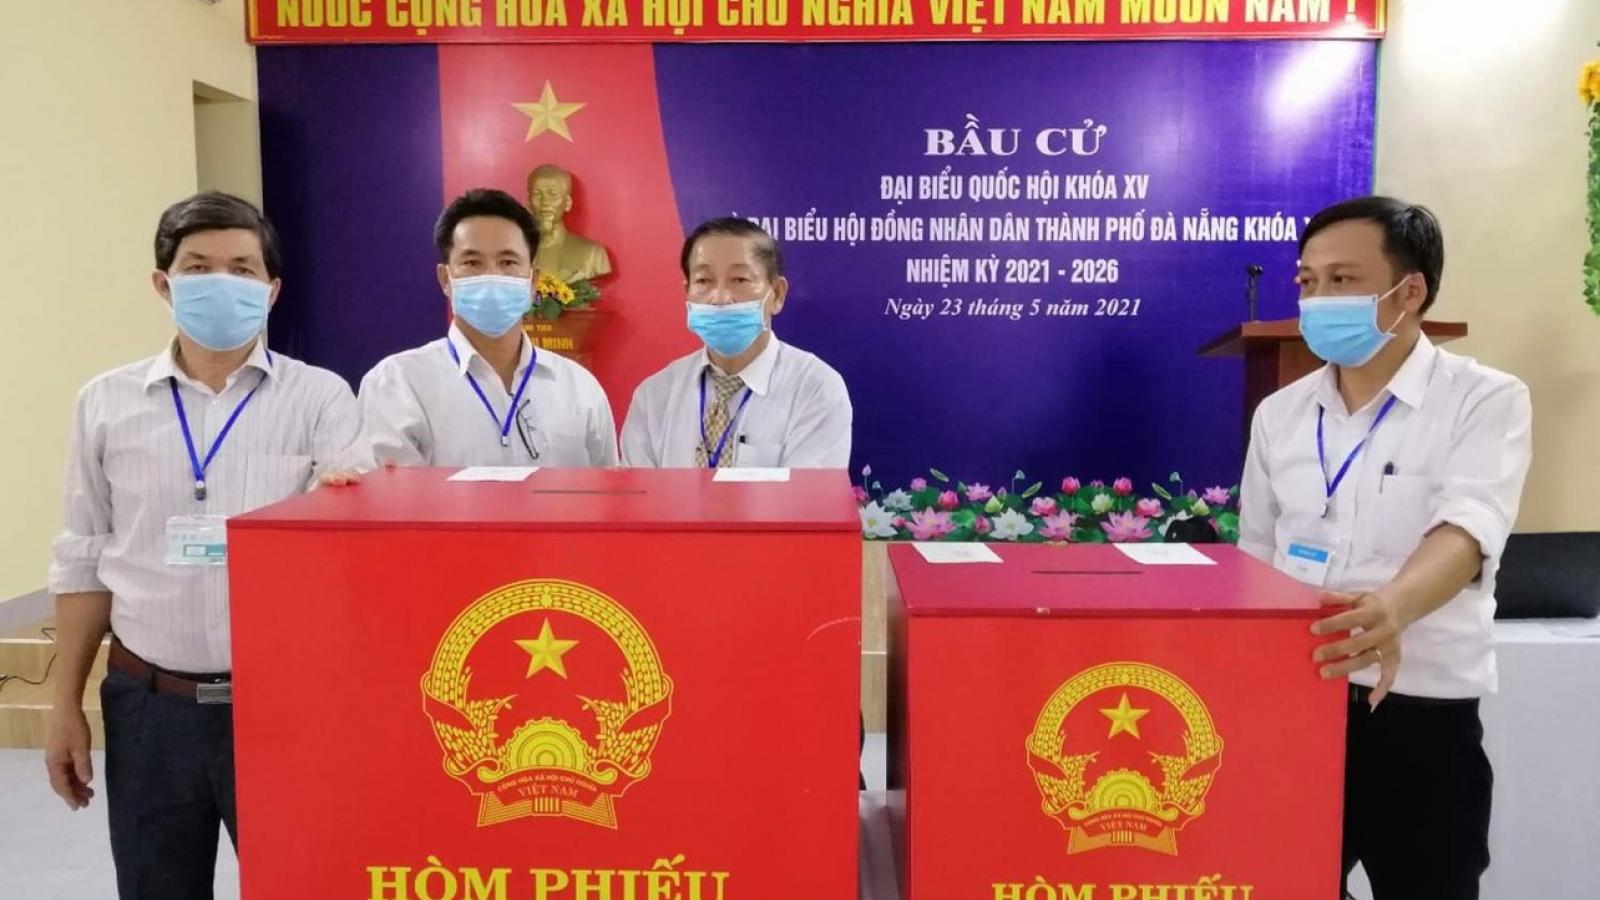 Cơ quan dân cử: Cần trong sạch từ Trung ương đến địa phương